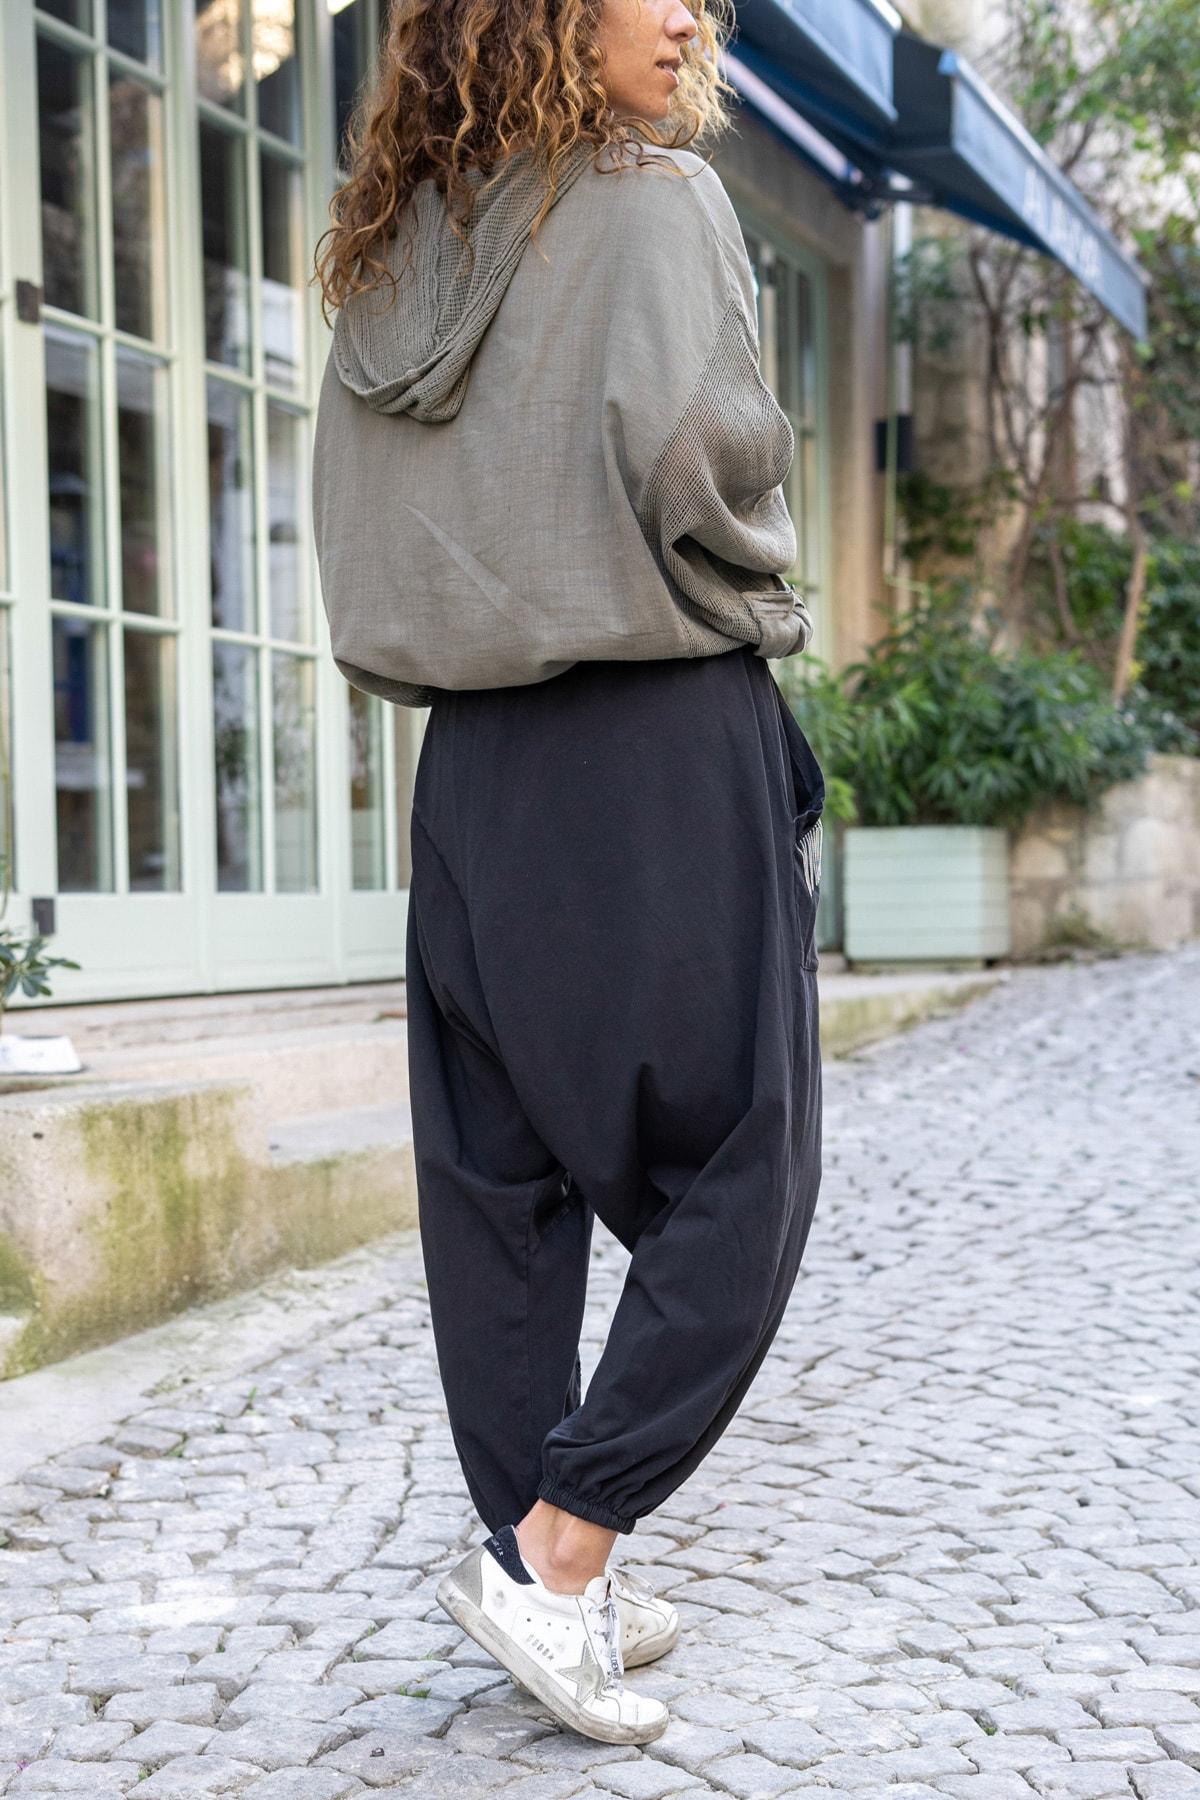 Güneşkızı Kadın Siyah Yıkamalı Zincir Detaylı Brode Detaylı Şalvar Pantolon GK-RSD2025 2